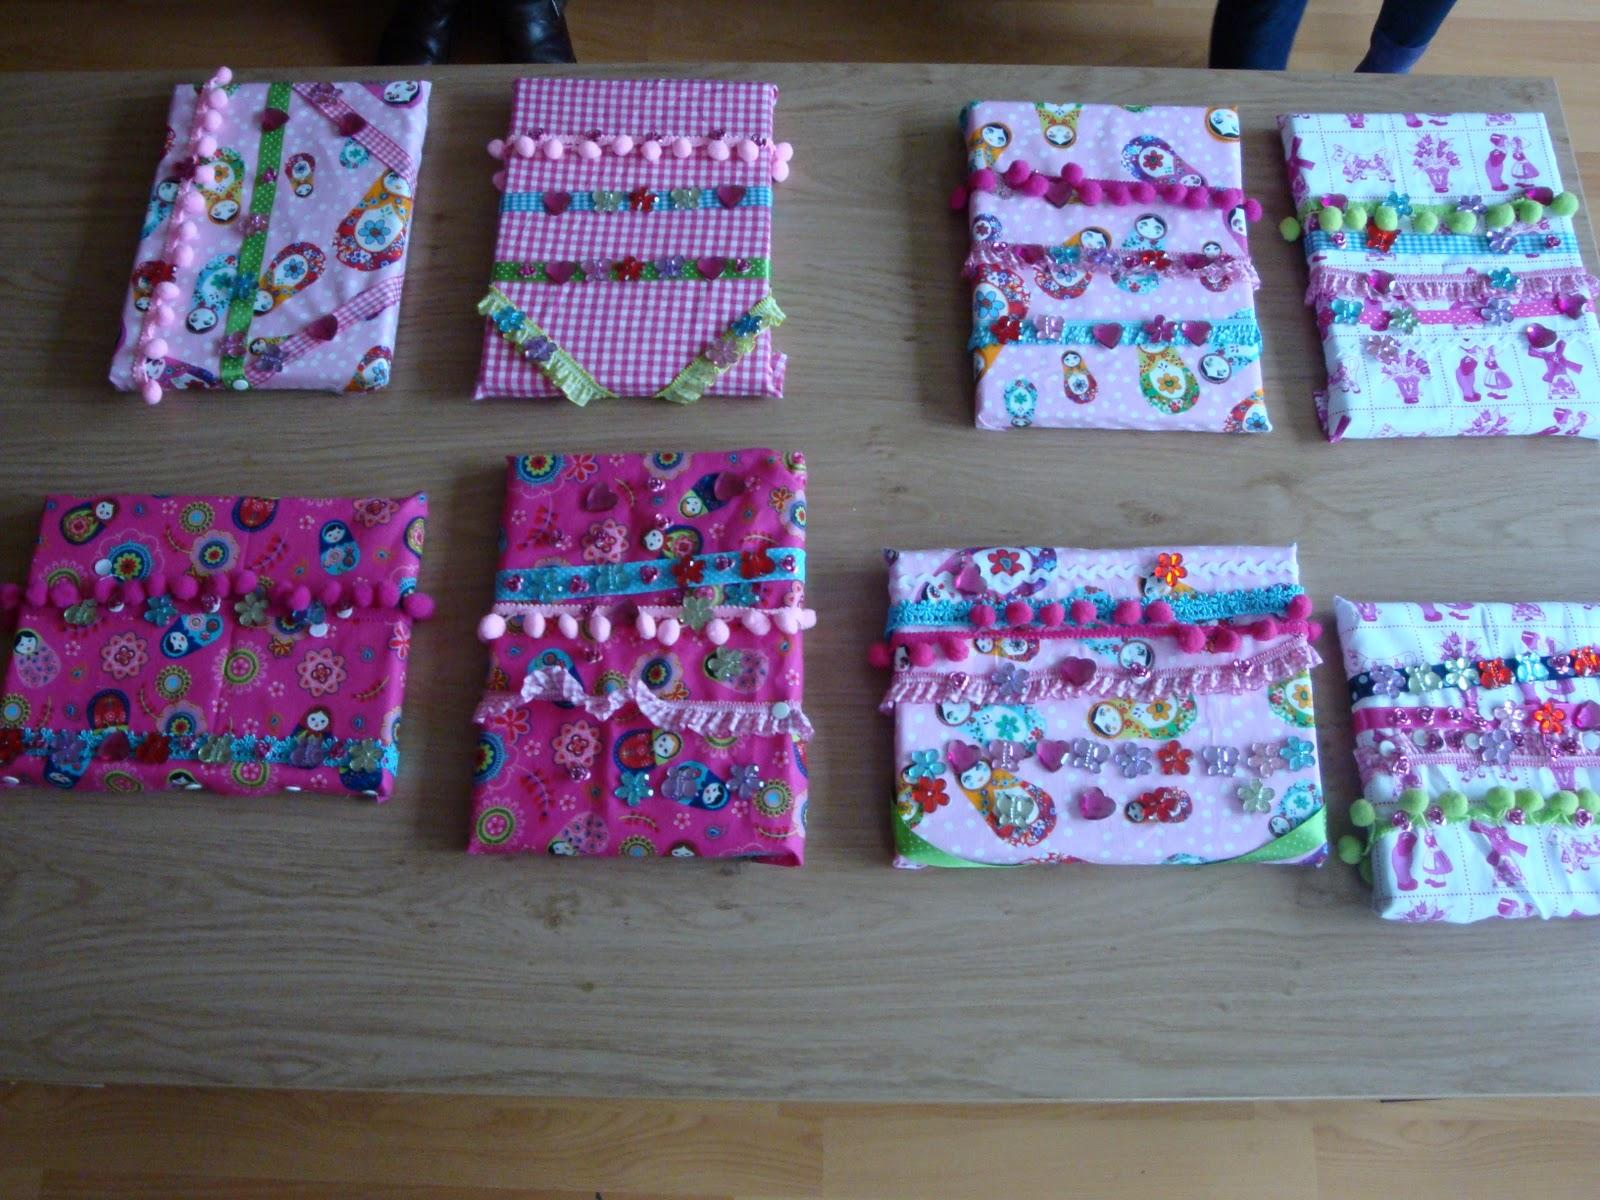 Genoeg Knutsel Ideeen Kinderfeestje PS47 | Belbin.Info @JZ68